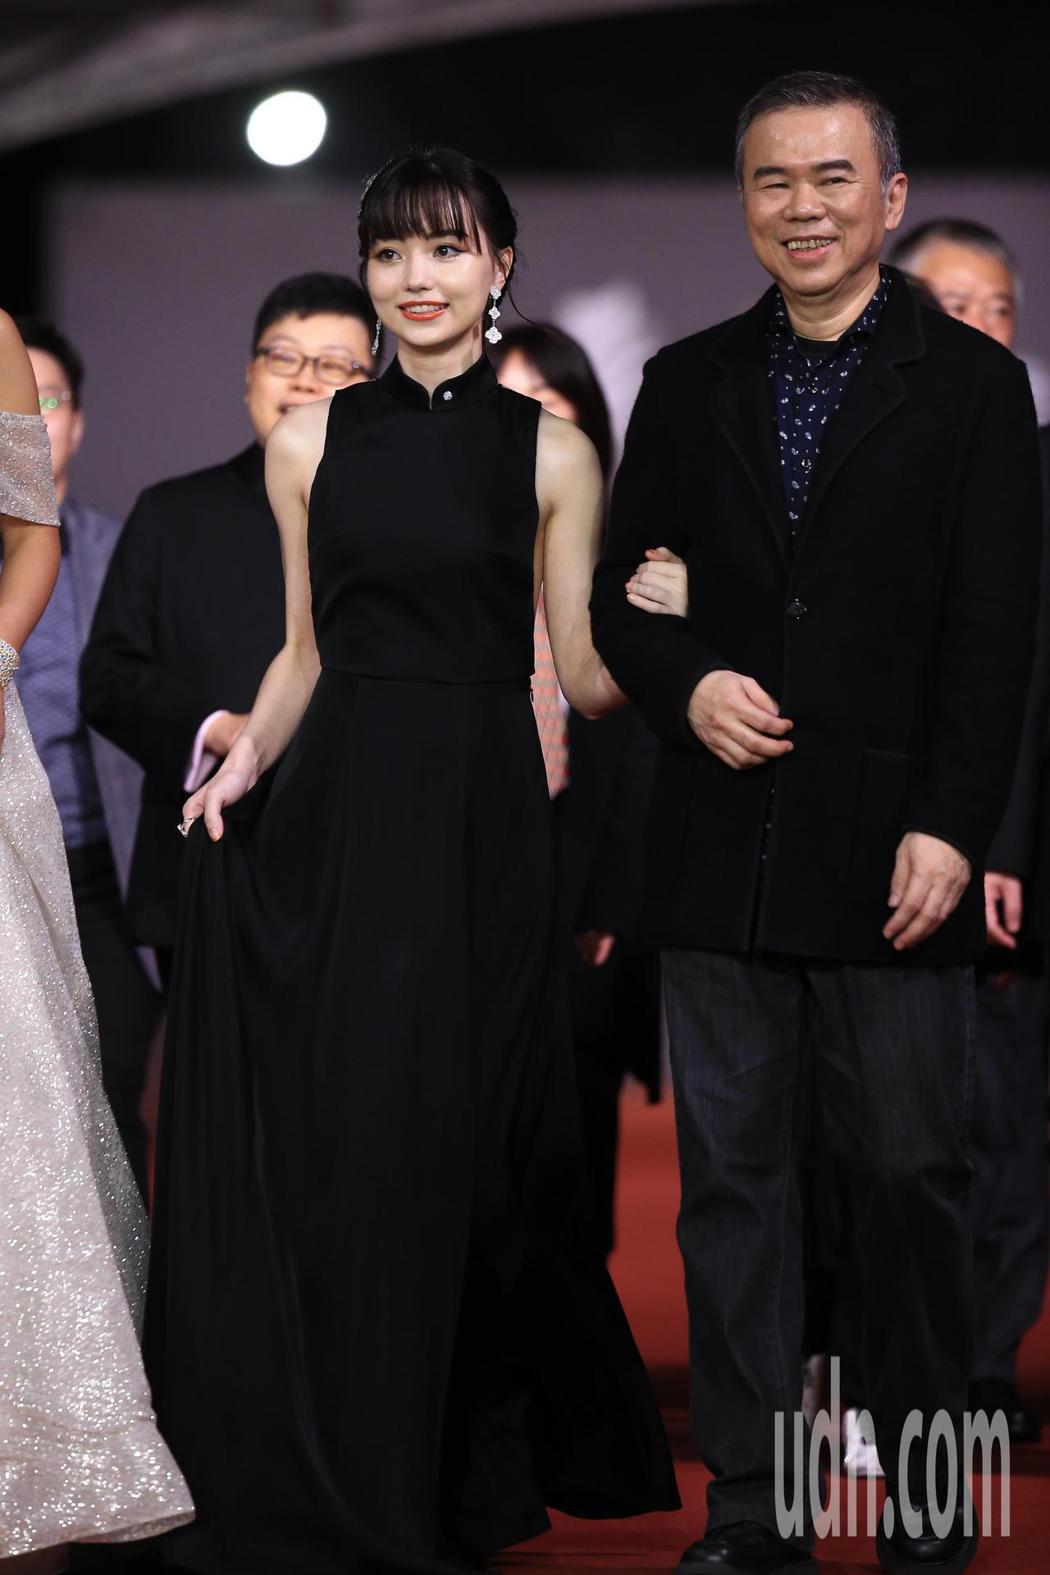 第57屆金馬頒獎典禮,黑嘉嘉(左)走星光大道。記者林伯東/攝影